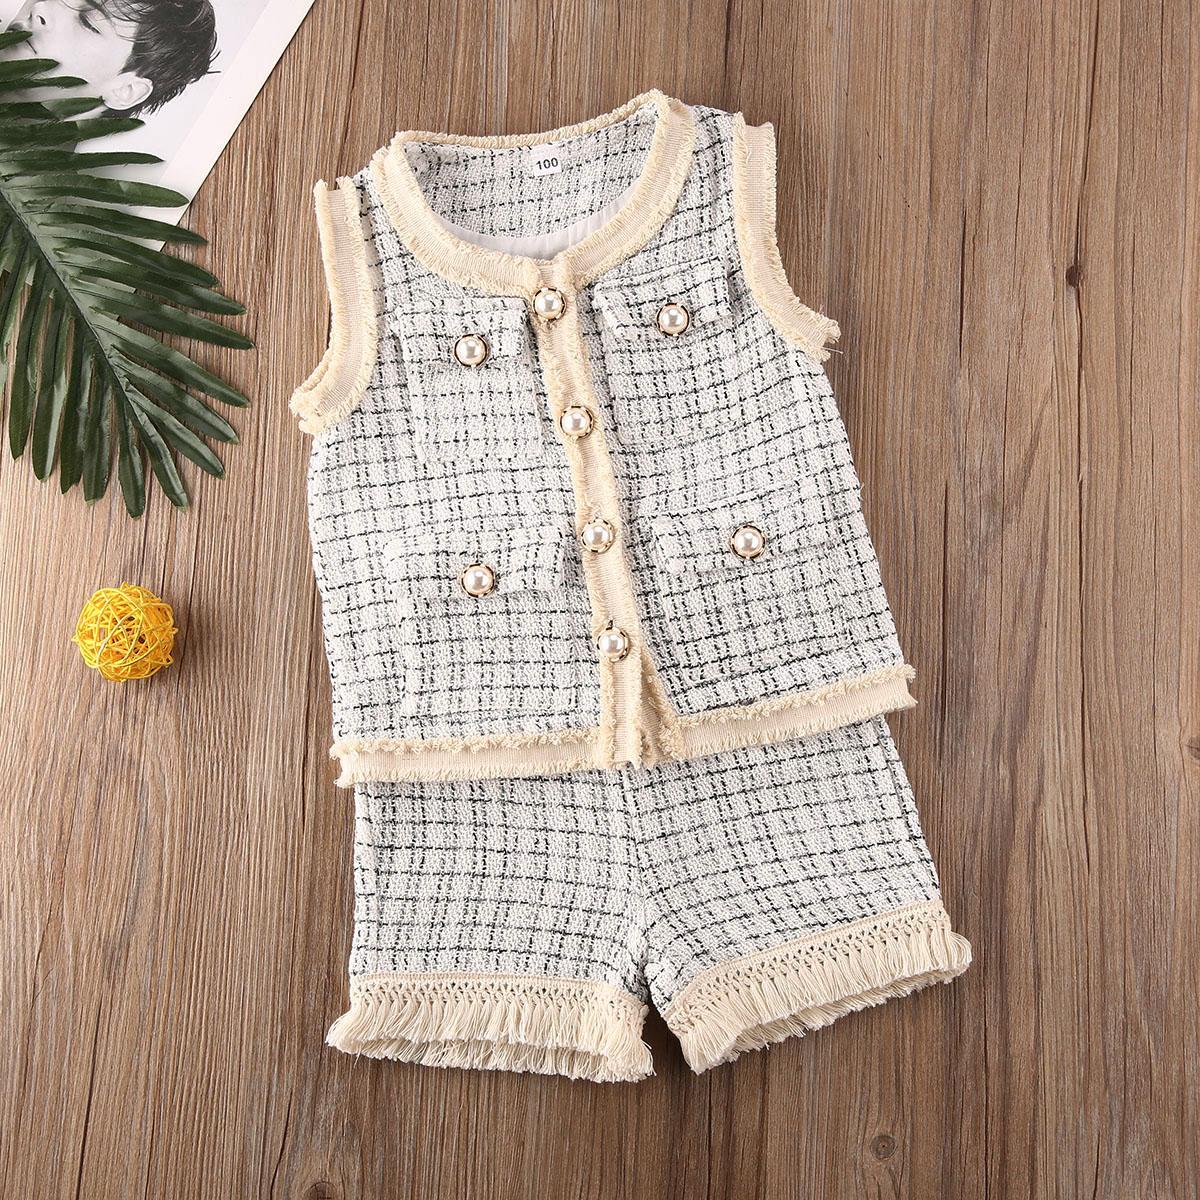 criança do bebé duas peças de roupa set terno set sem mangas colete calções casaco miúdos das crianças da menina